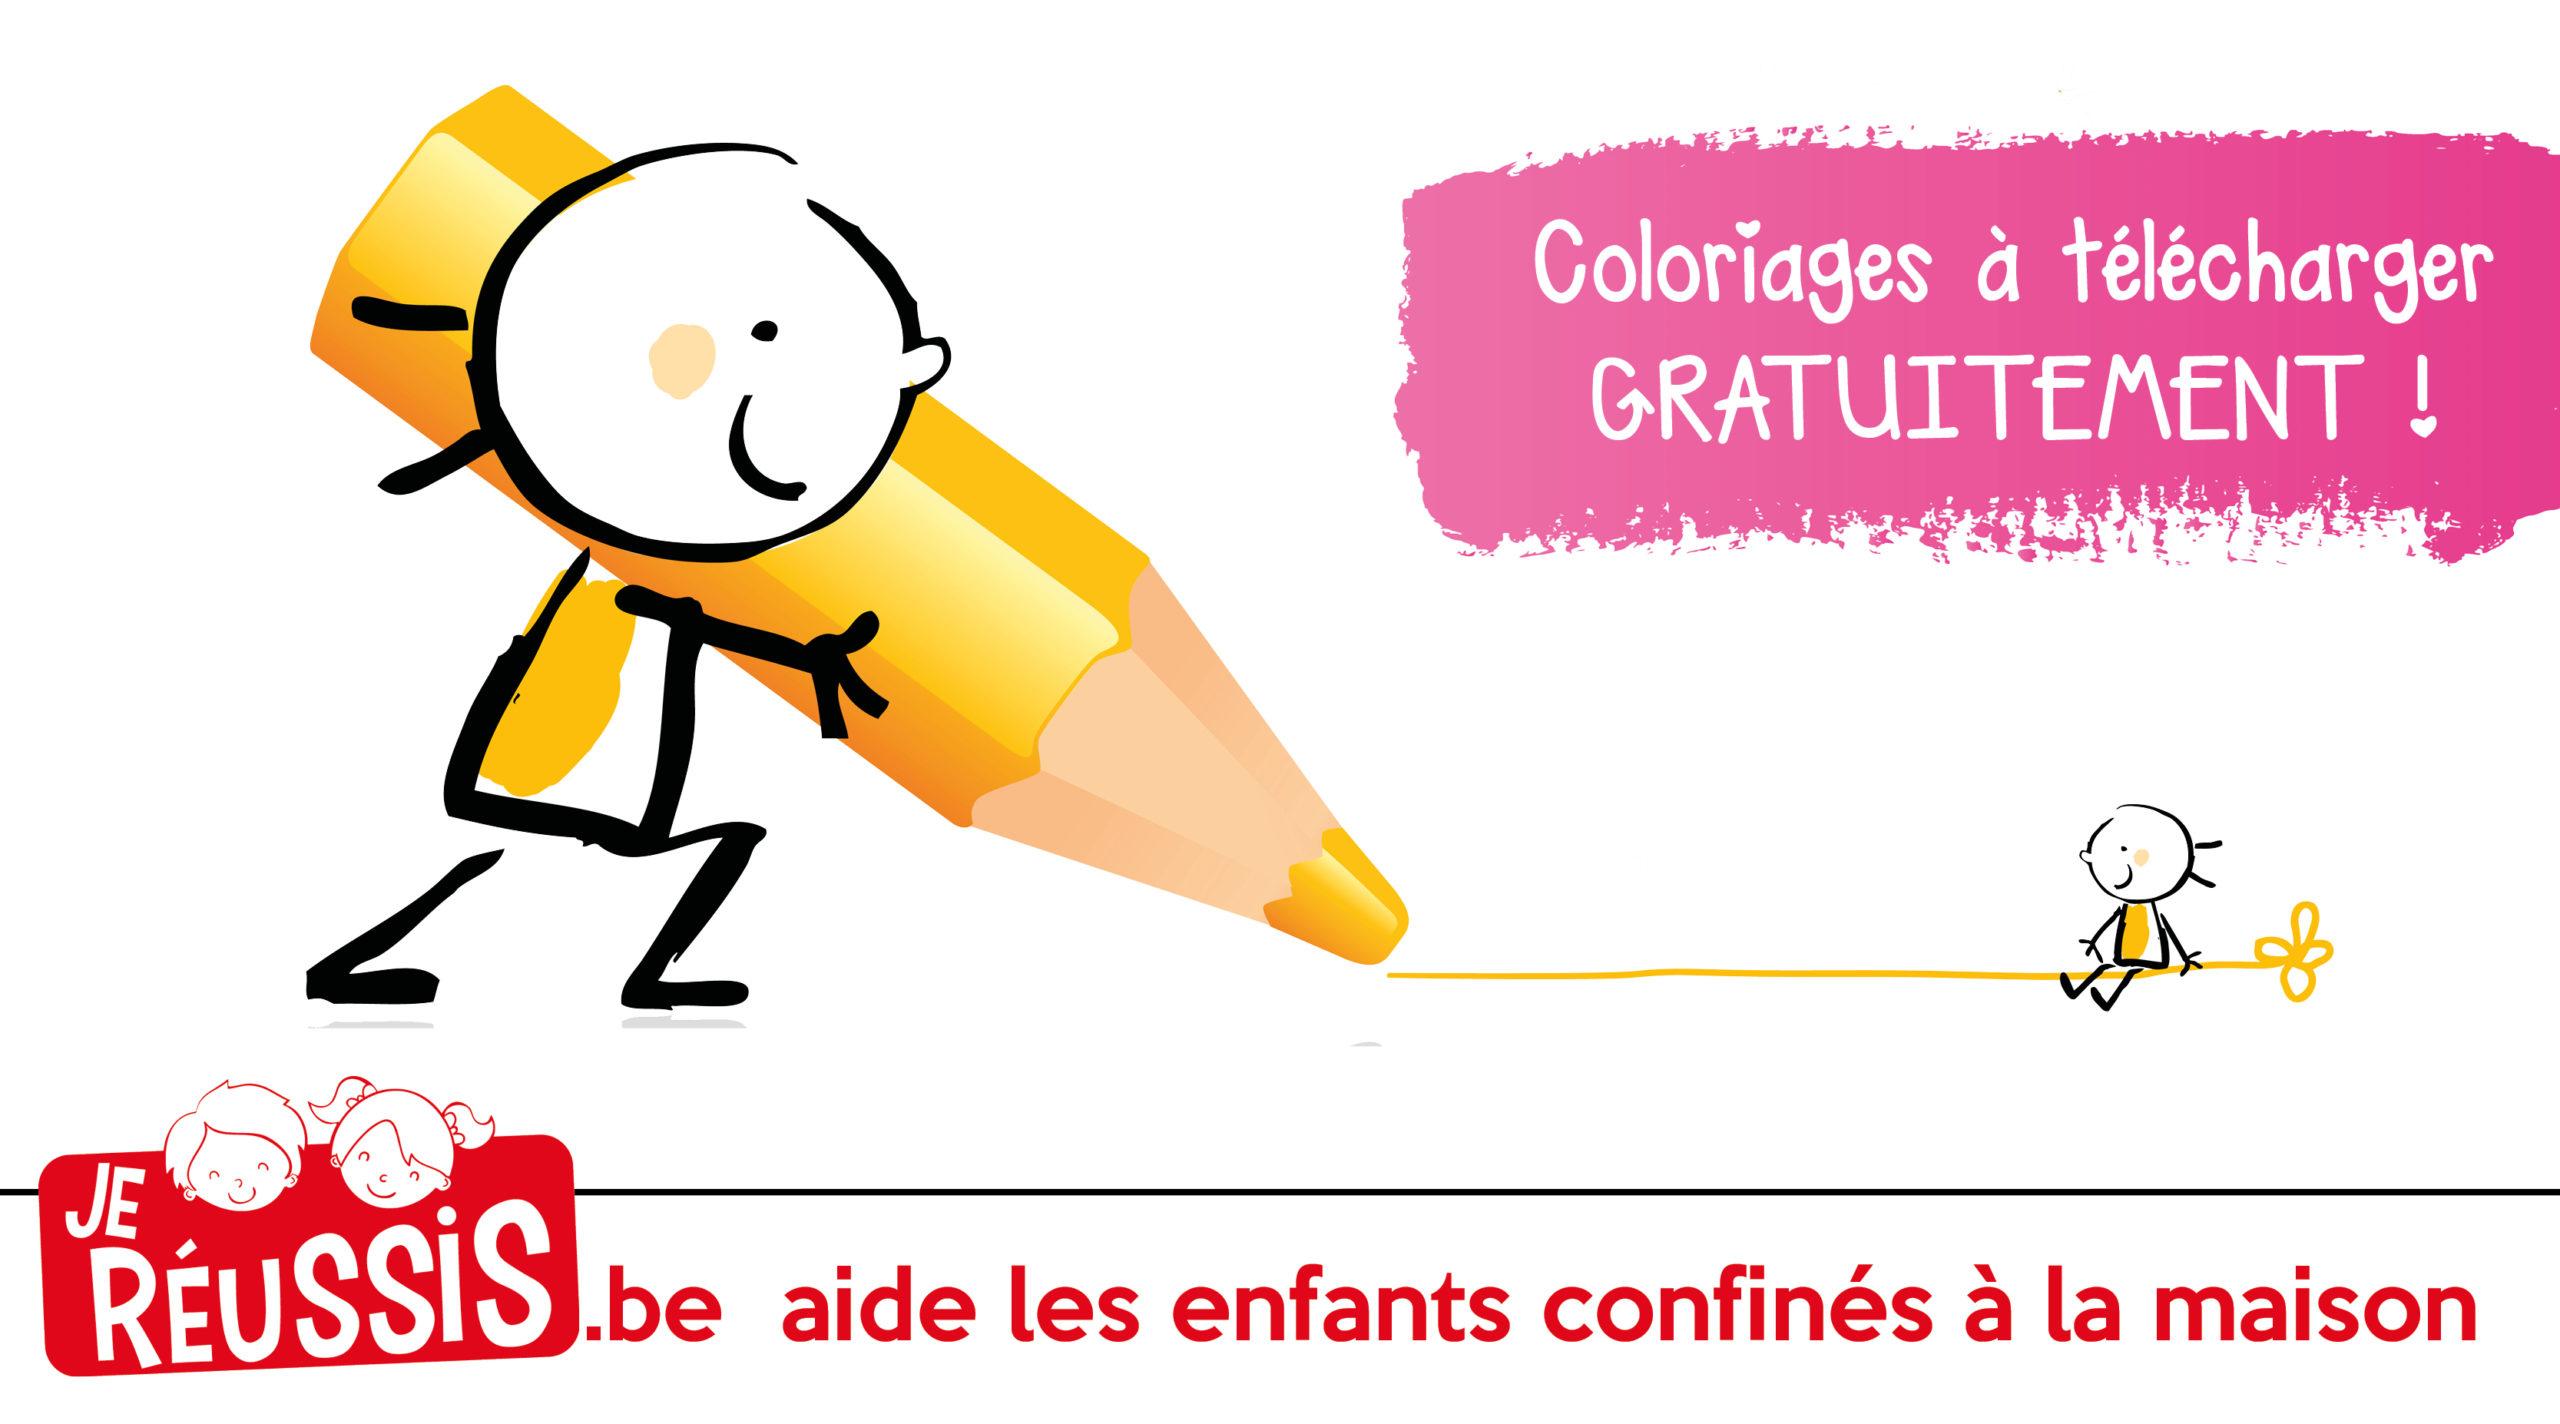 Des Coloriages Gratuits Pour Occuper Les Enfants ! - Je Réussis concernant Coloriage À Colorier Sur L Ordinateur Gratuit